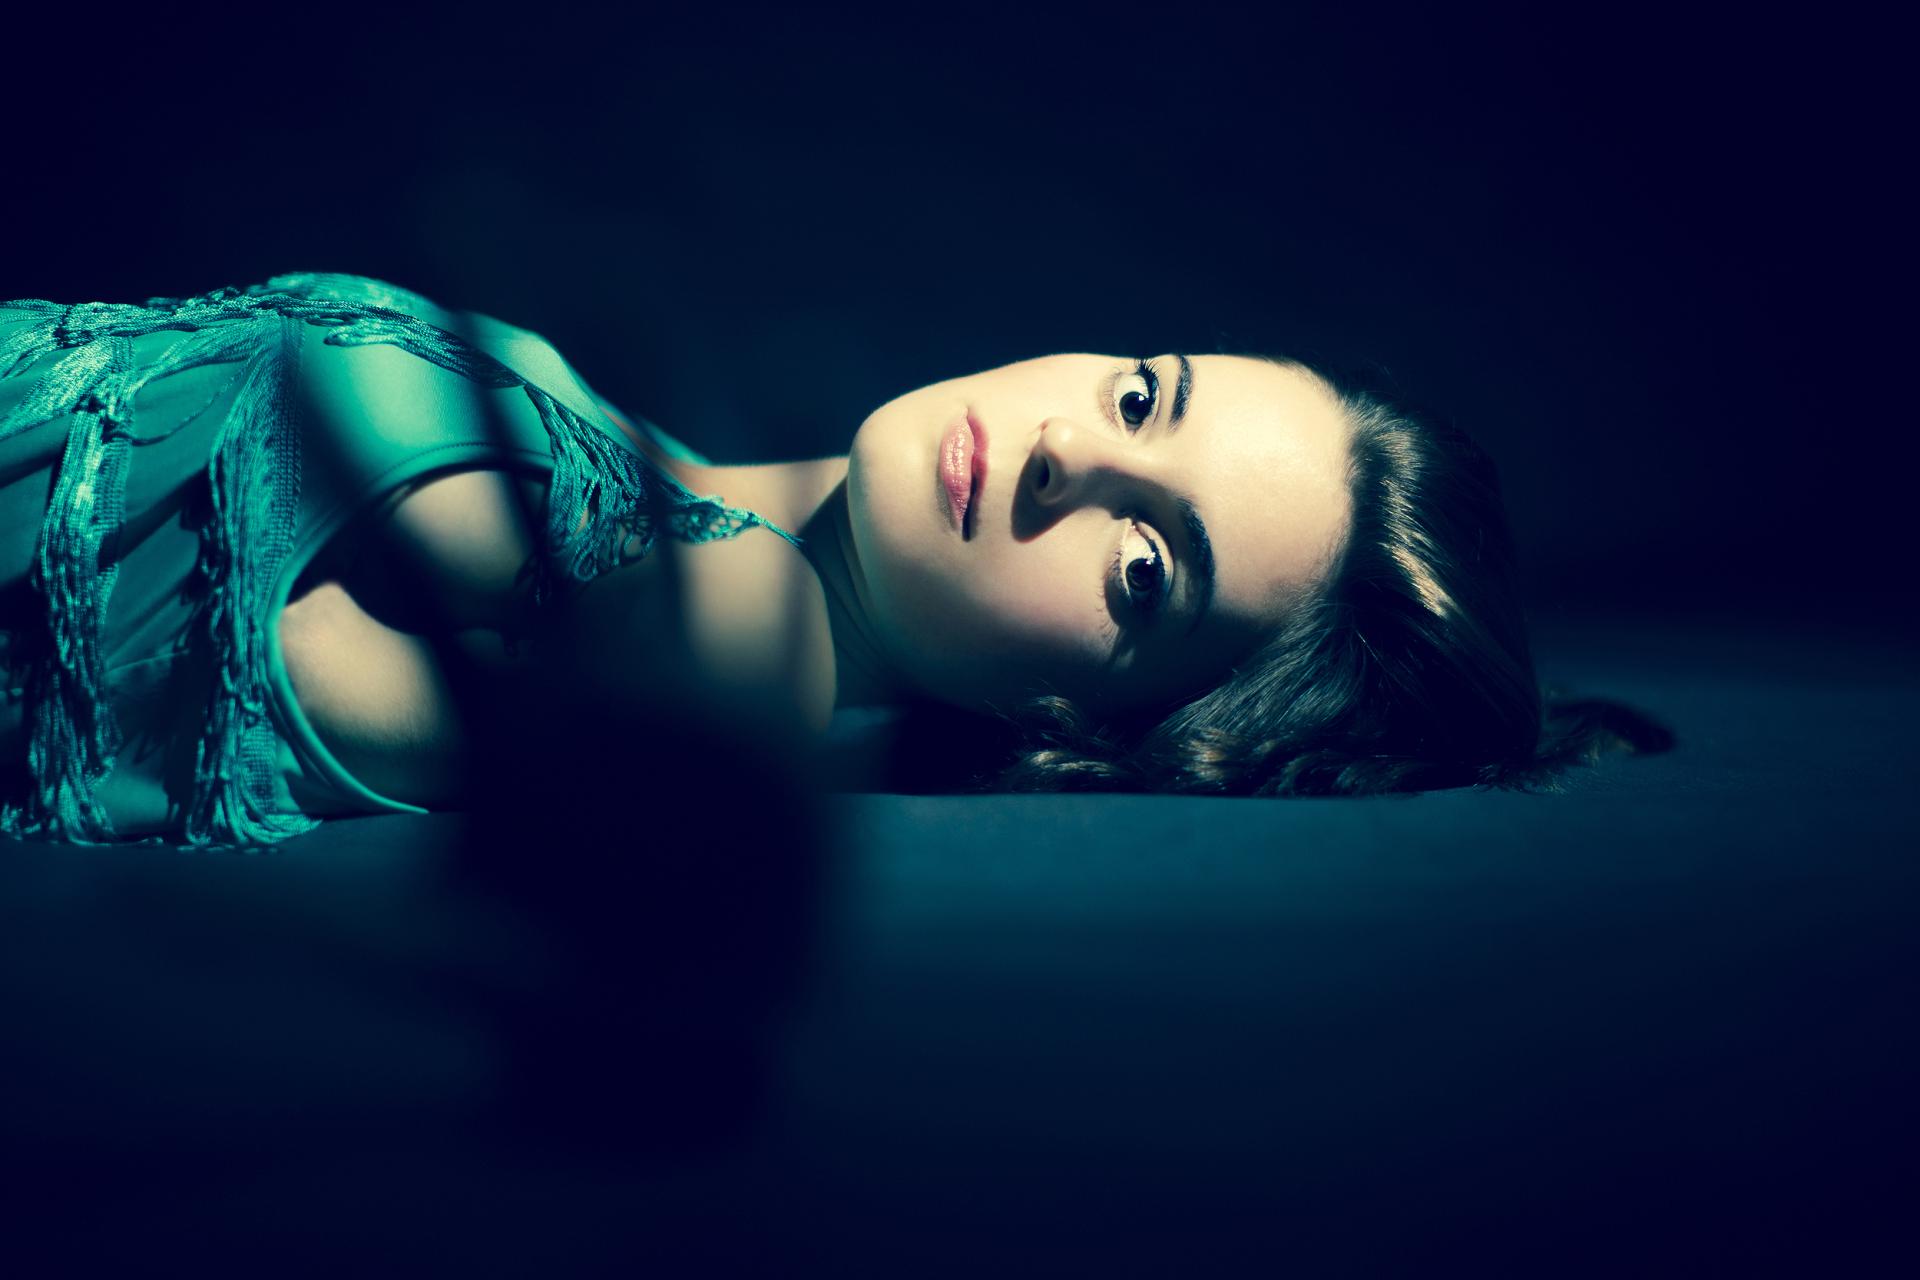 Model: Anna Caselli